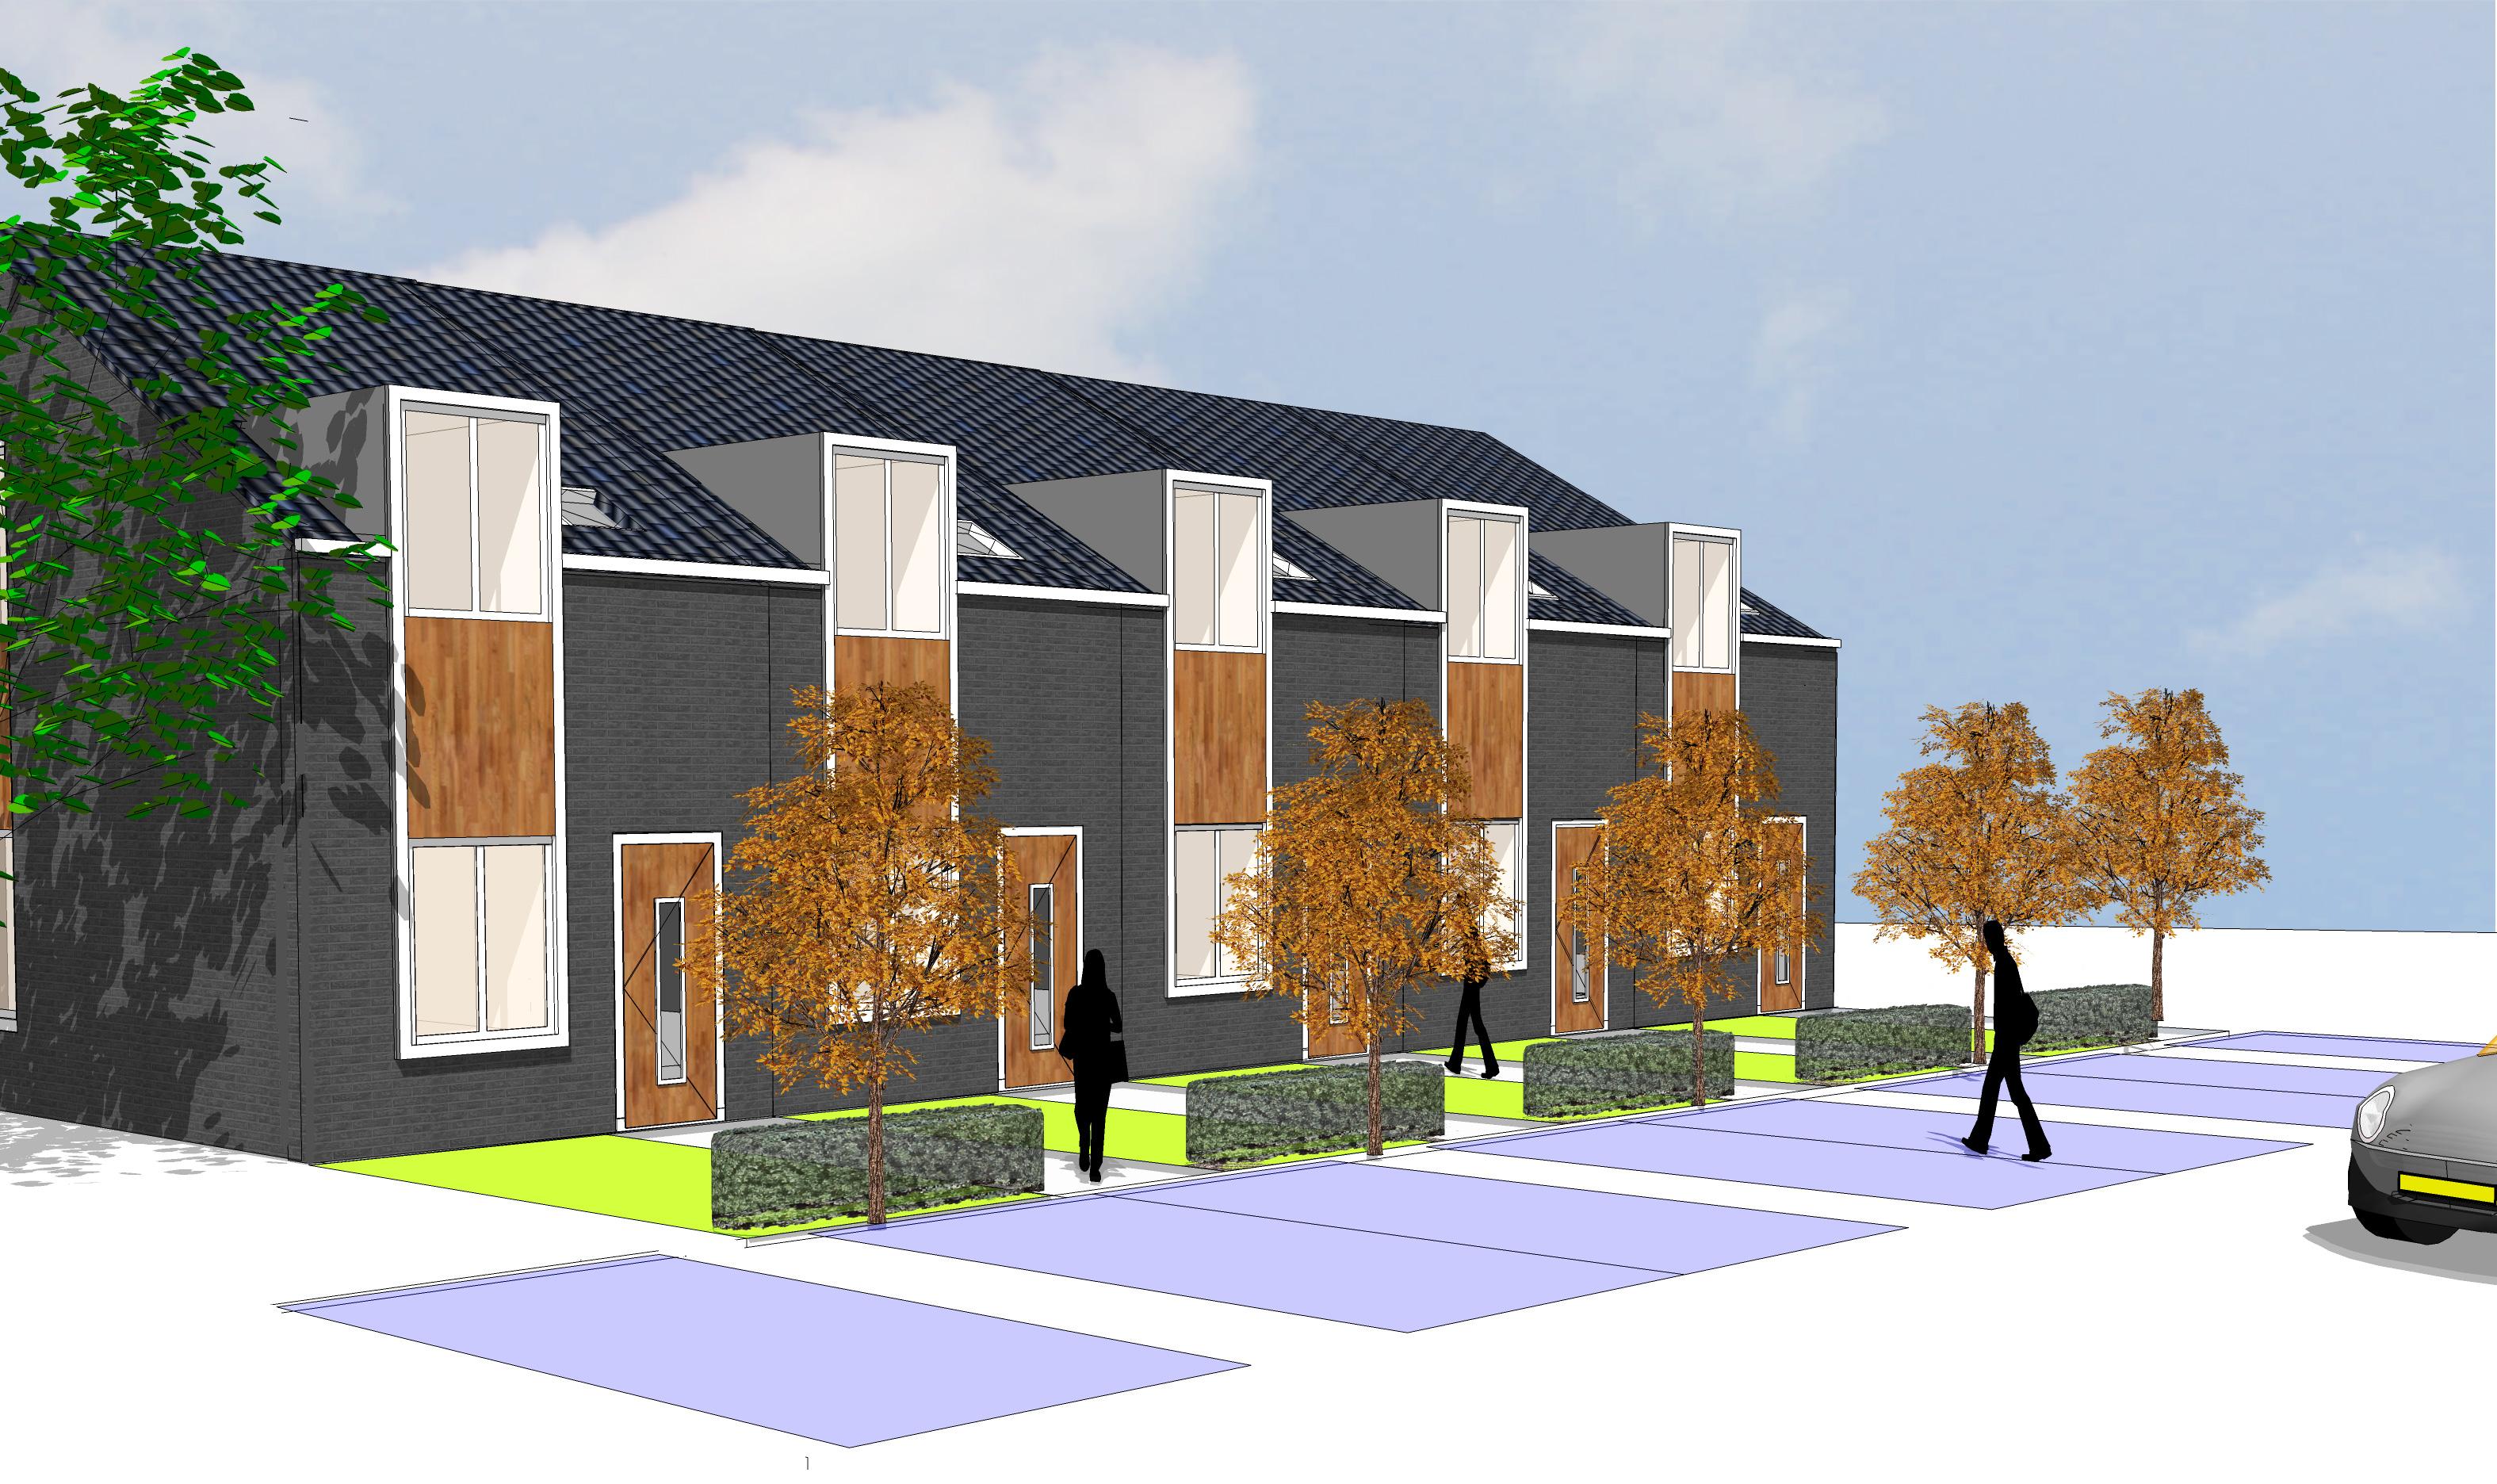 Architectenbureau A&R10 heeft samen met HORR vastgoedontwikkeling een duurzame starterswoning ontworpen